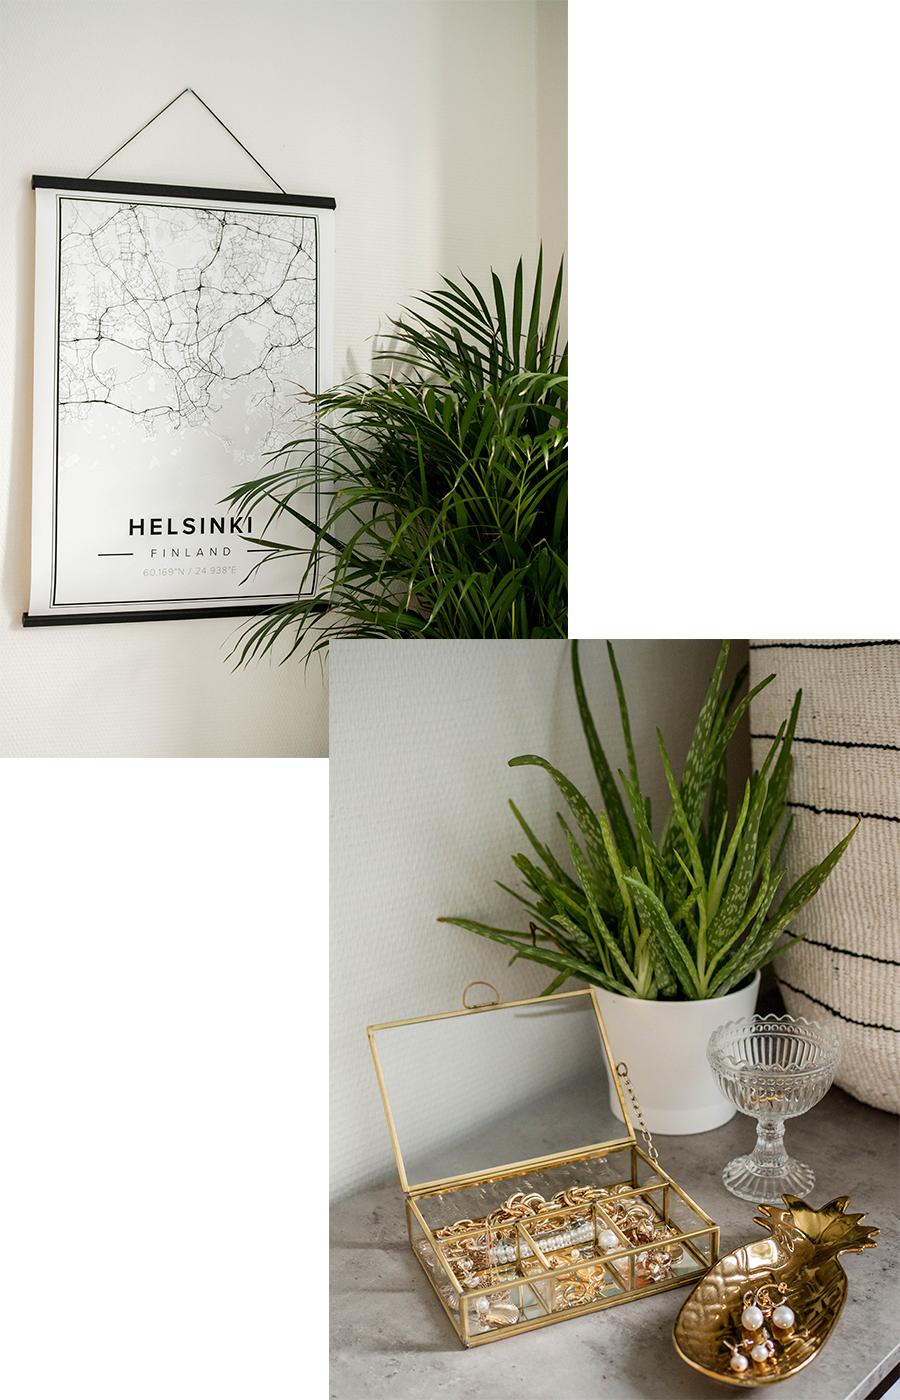 Yksinkertainen ja minimalistinen sisustus // Simple and minimalistic interiors